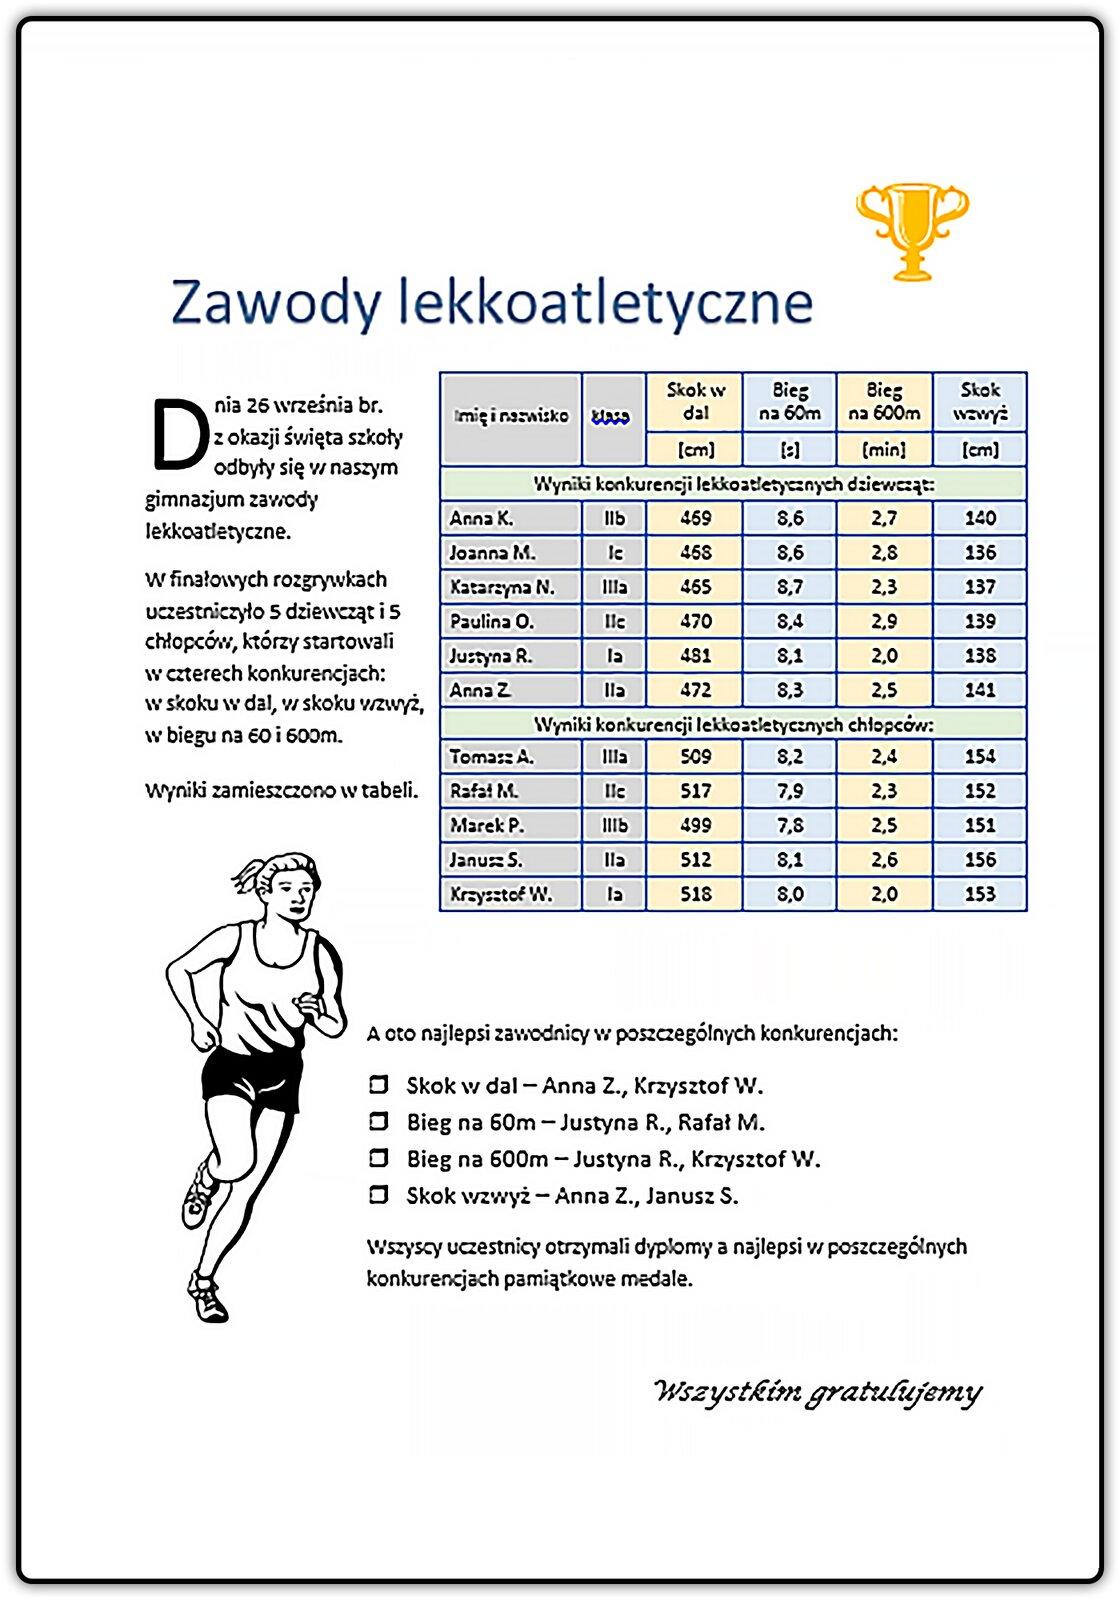 Slajd 1 galerii dokumentów tekstowych zawierających grafikę itabele